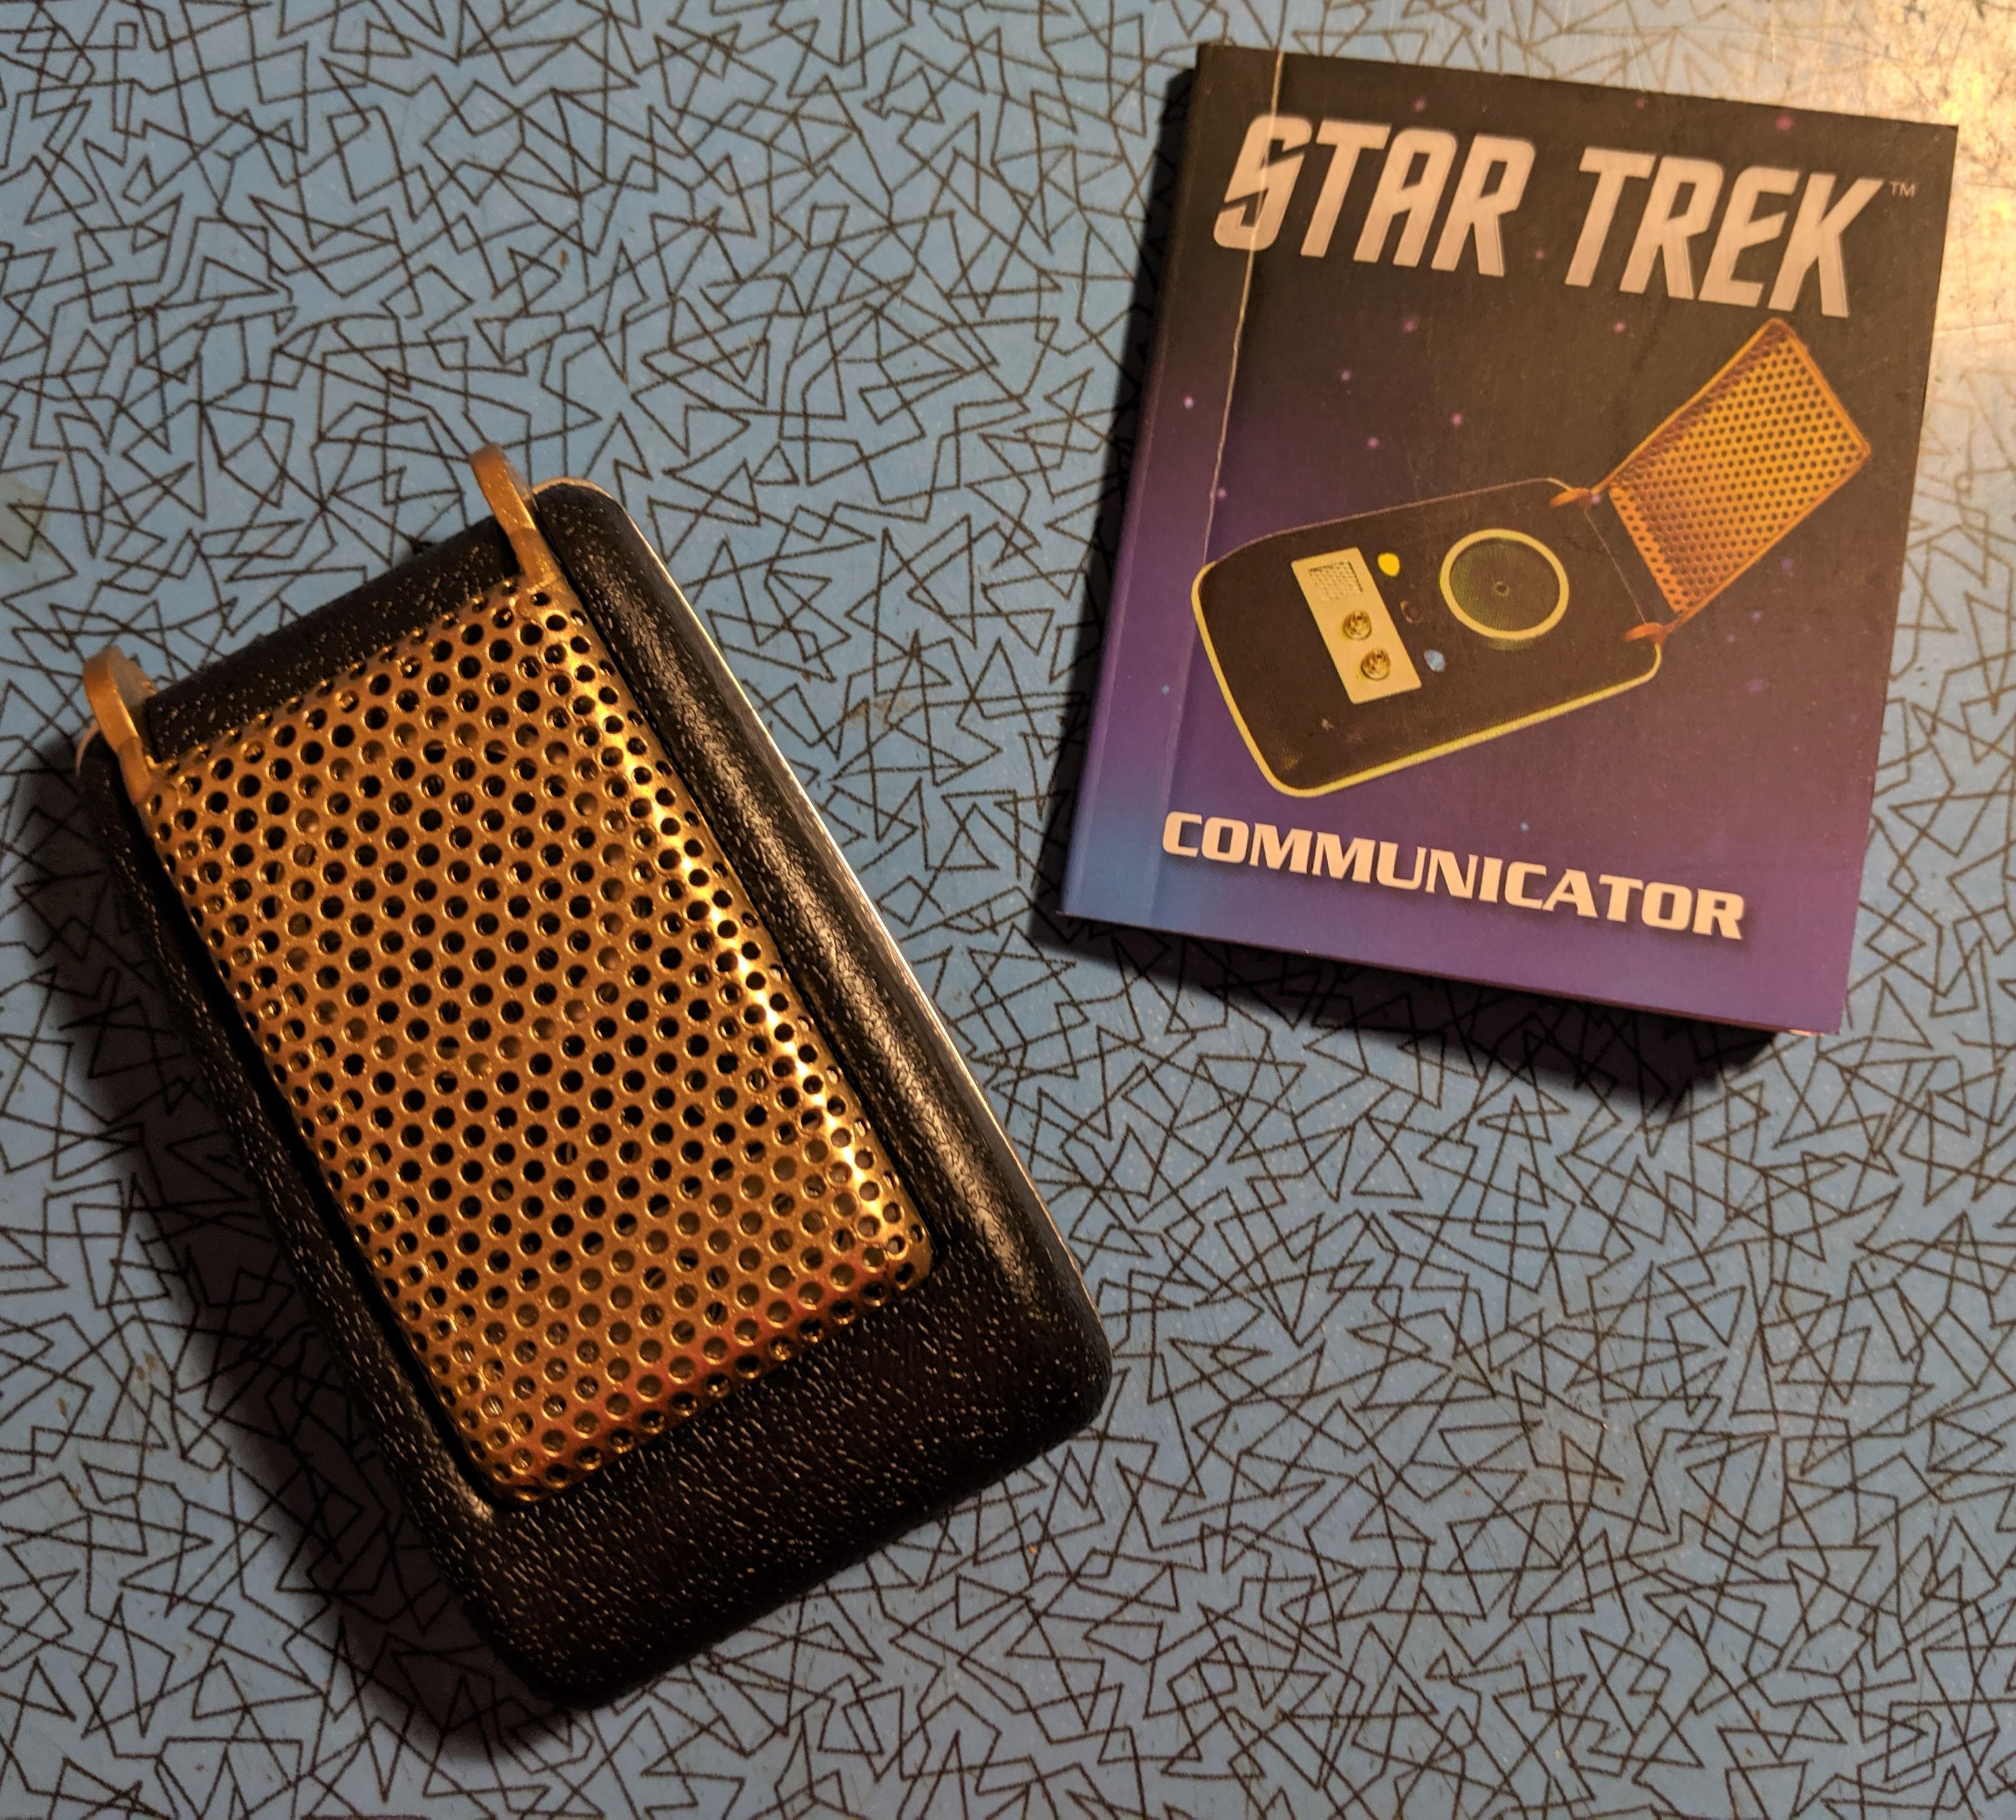 Star Trek Communicator Gift